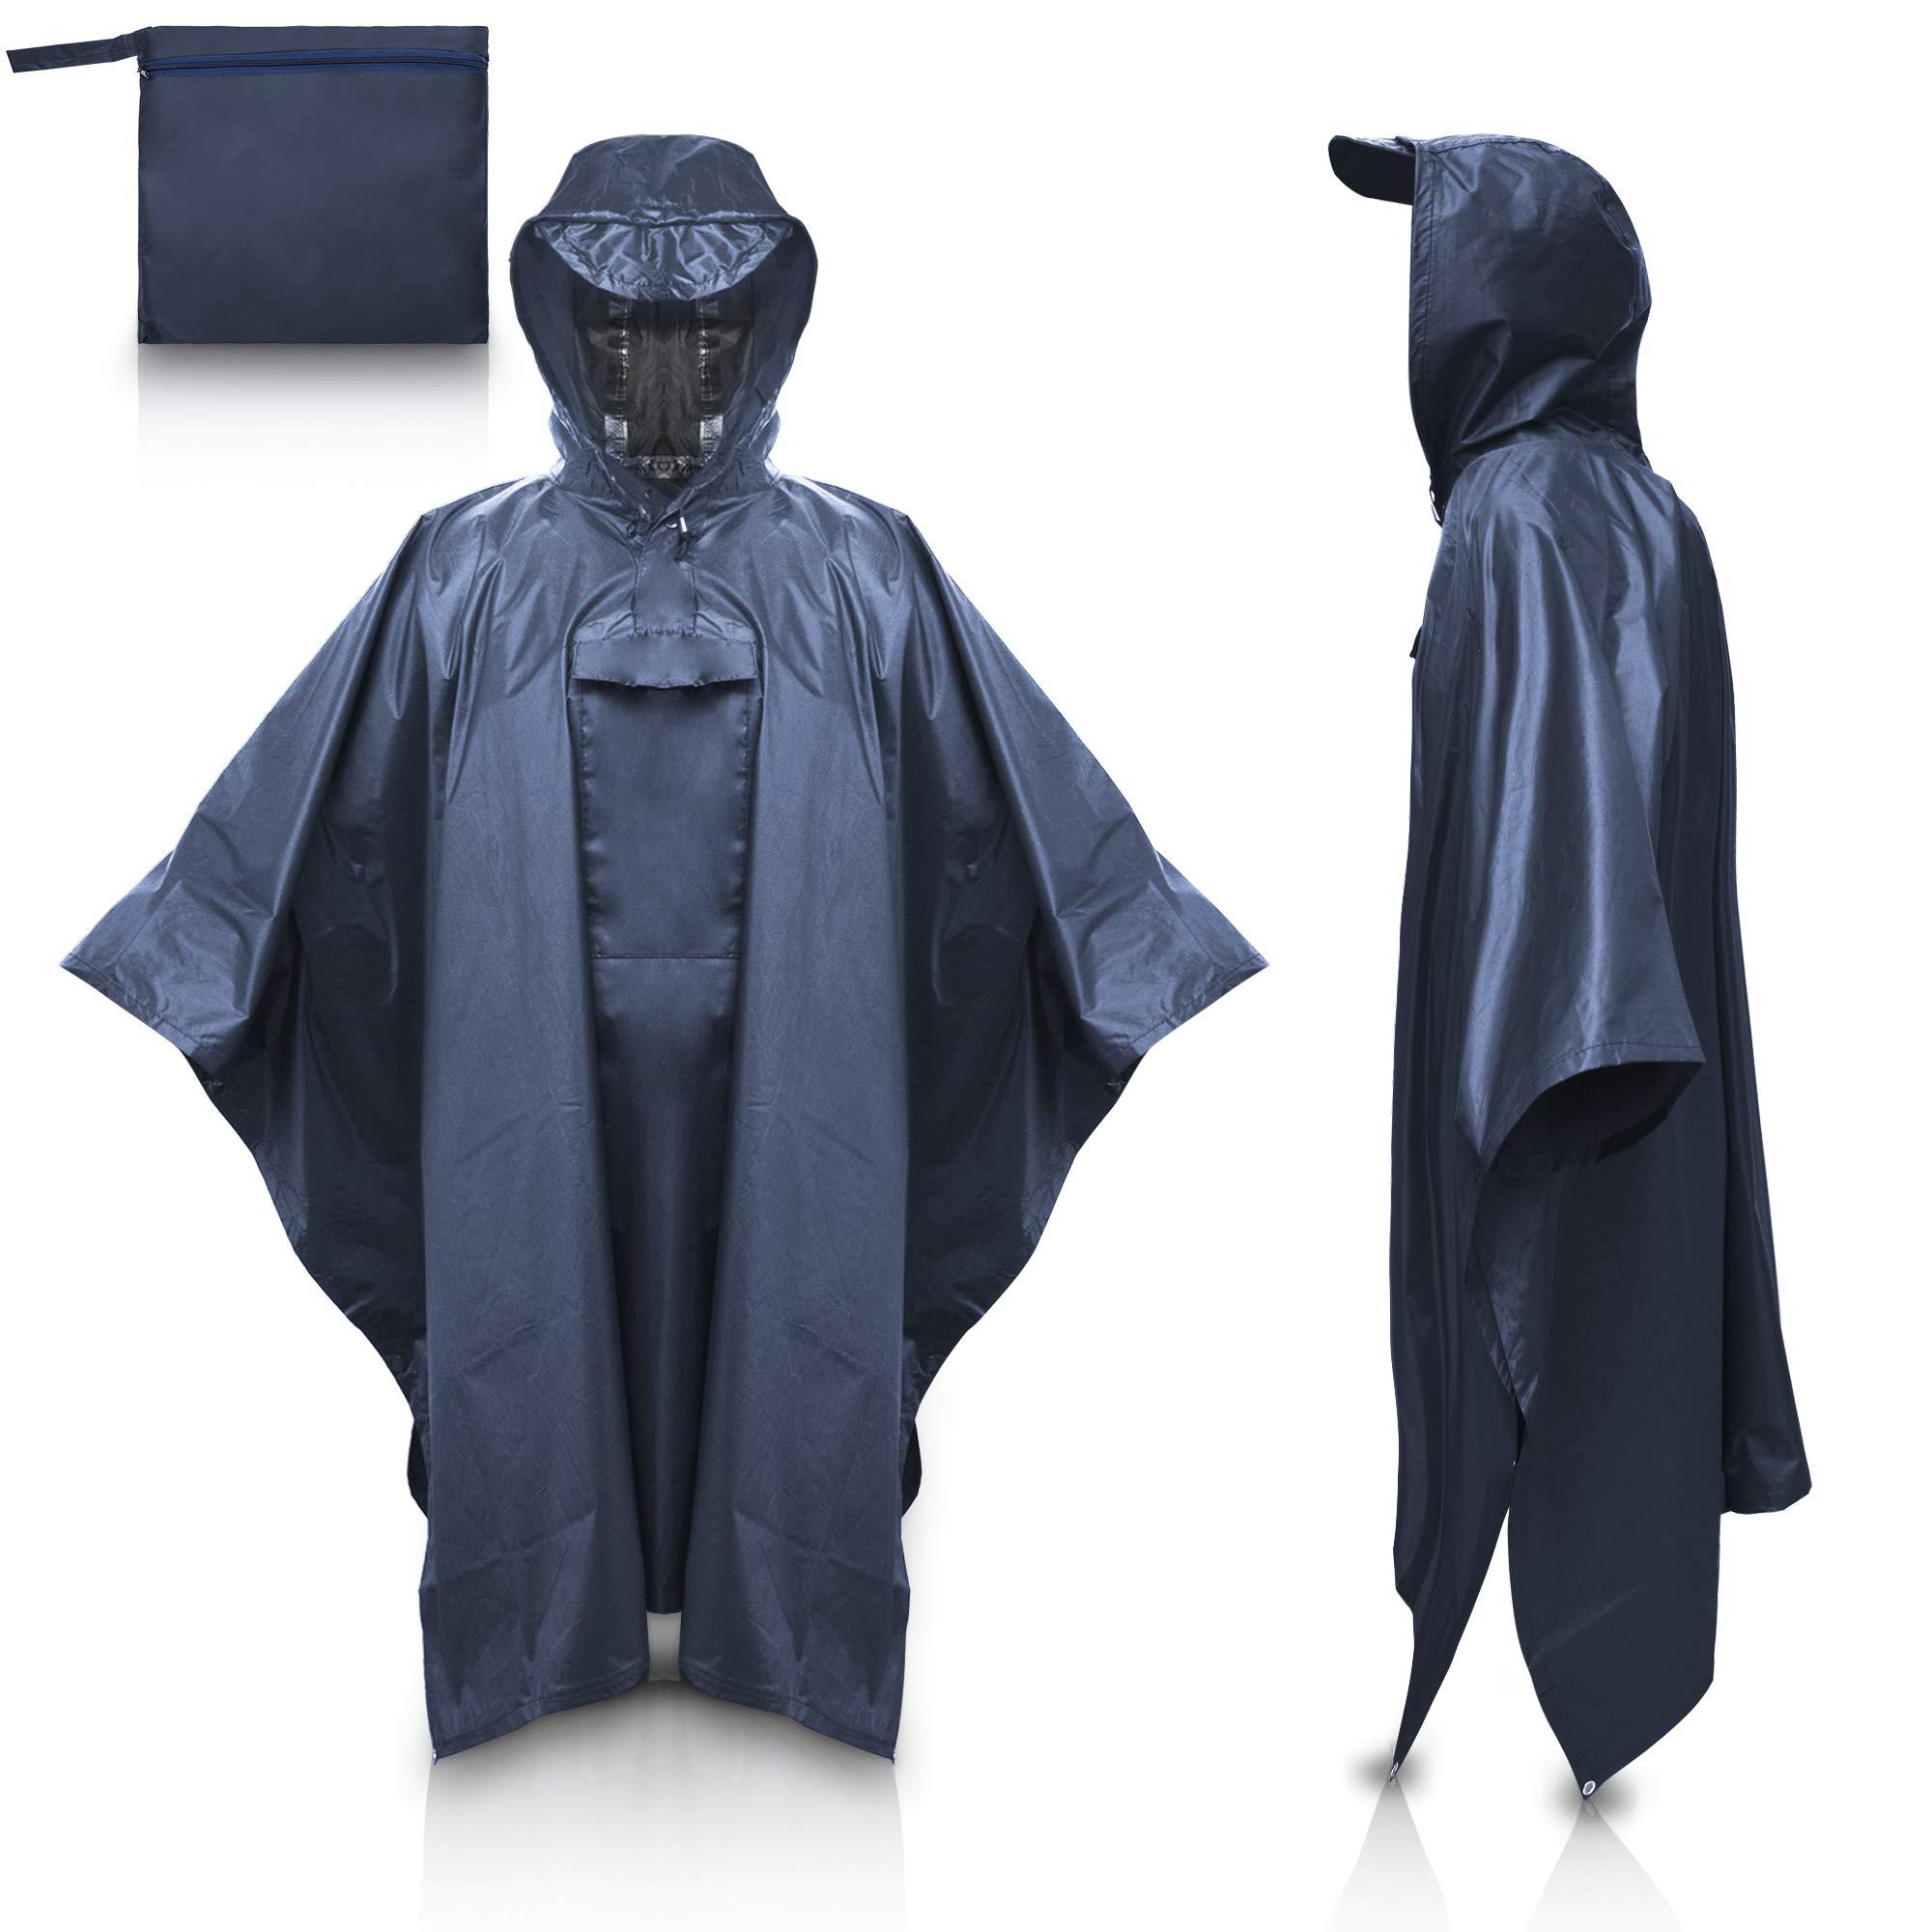 Regenbekleidung Freundschaftlich Regen Jacke Hose Anzug Regenschutz Regenanzug Regenjacke Regenhose Kapuze Herrenmode